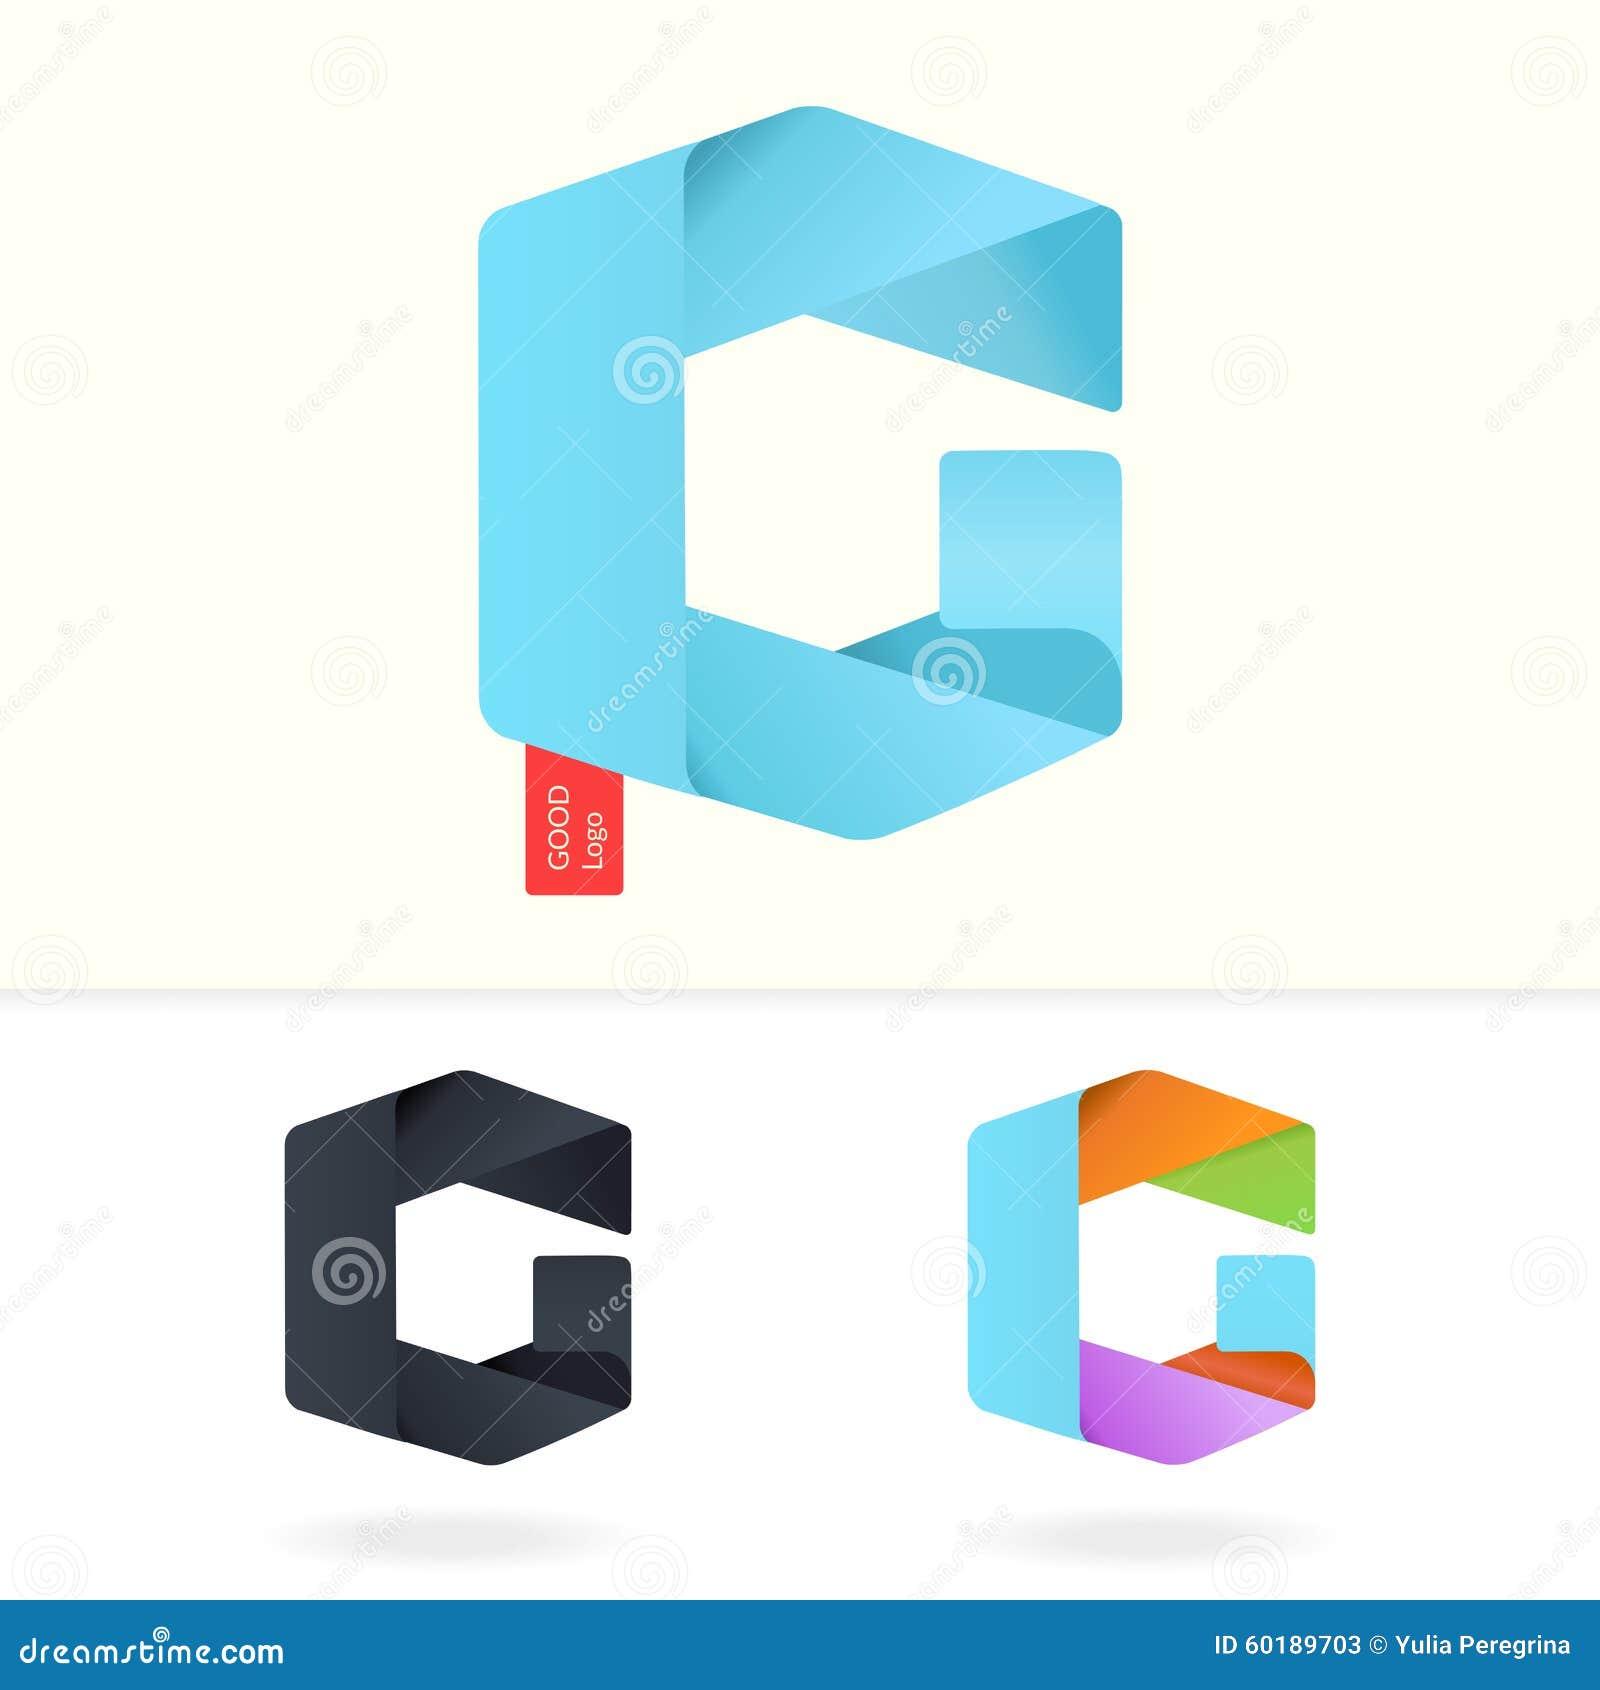 Letter g logo design template stock vector illustration of letter g logo design template maxwellsz